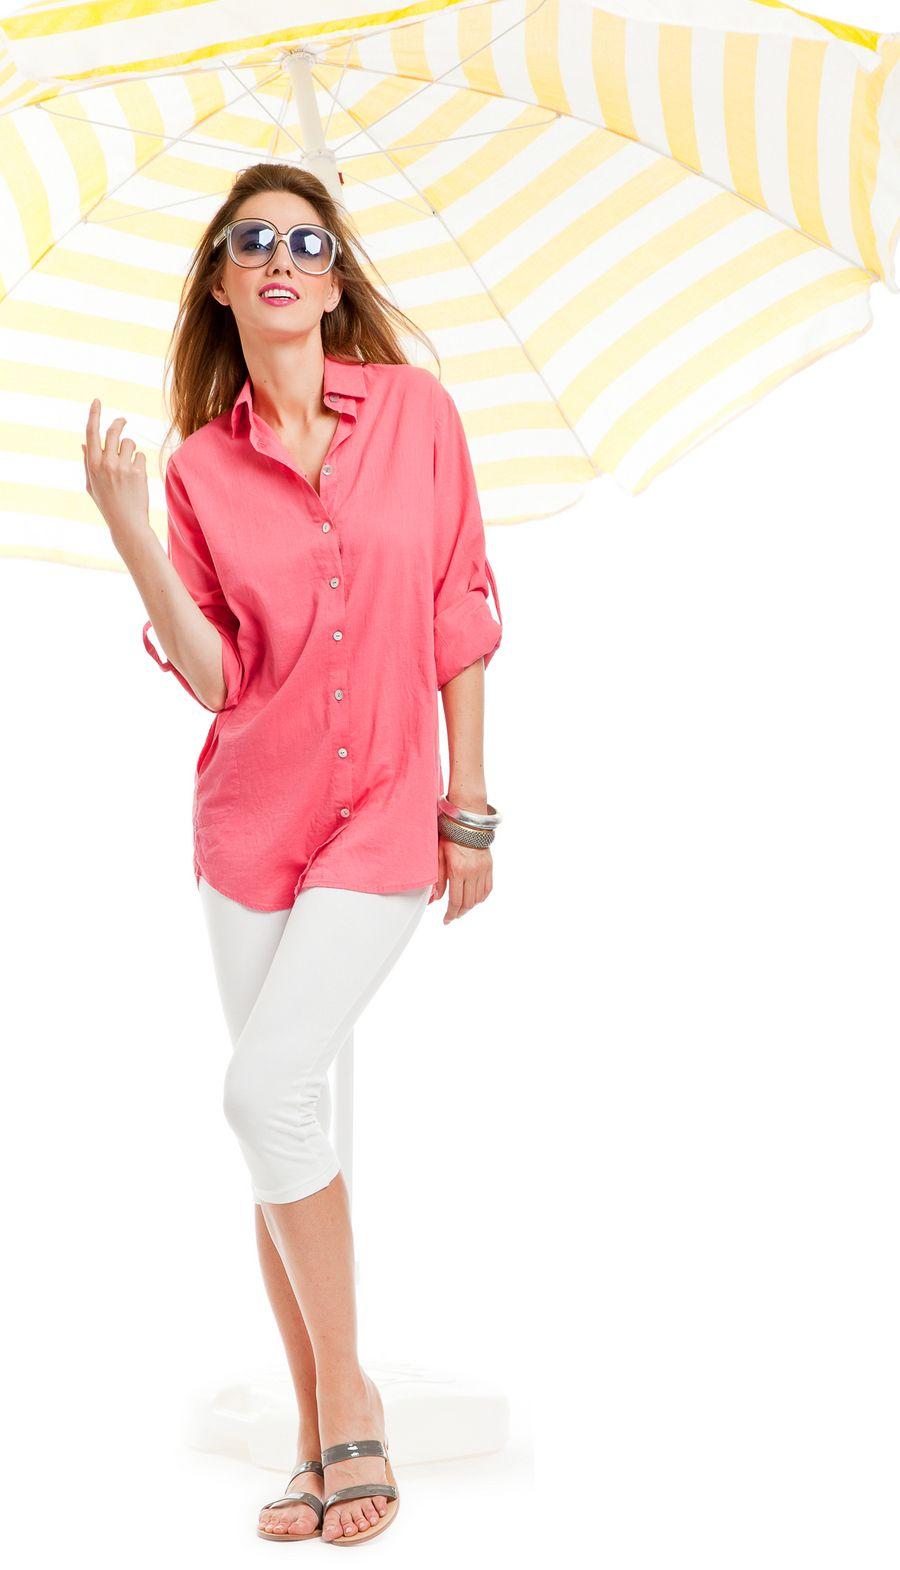 noidìnotte Collezione Spring/Summer 2012  € 24,90  CAMICIONE DONNA MALENA MANICA LUNGA COT. CON LEGGINS COTONE ED ELASTANE  #pigiama #easywear #look